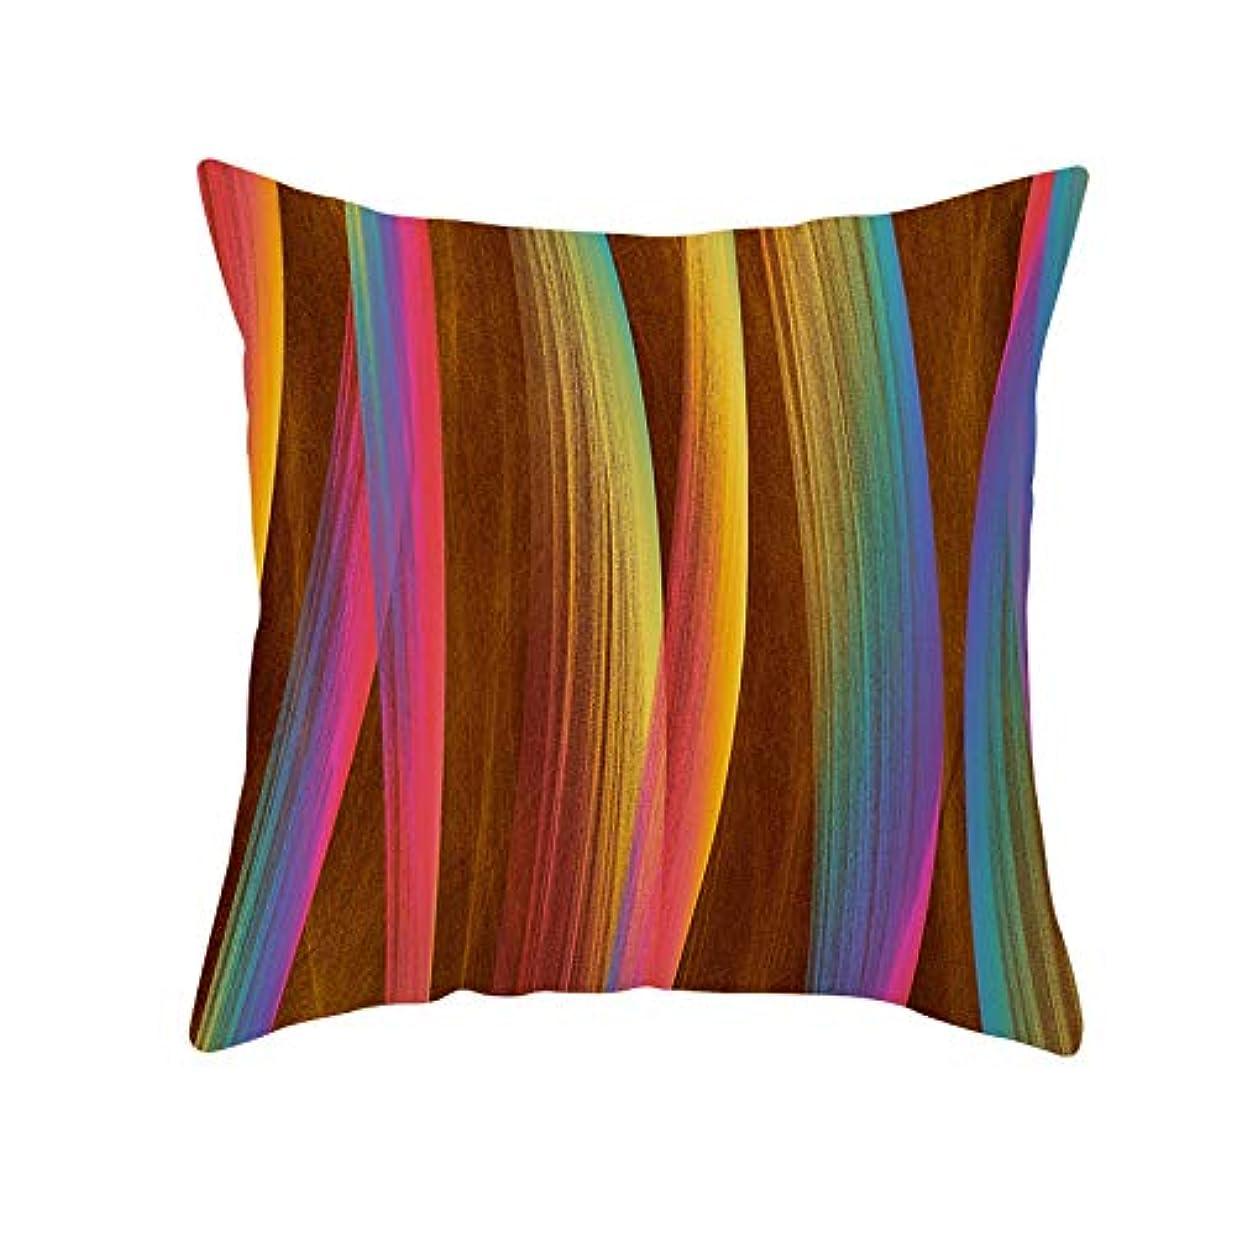 足音鰐超えてLIFE 装飾クッションソファ 幾何学プリントポリエステル正方形の枕ソファスロークッション家の装飾 coussin デ長椅子 クッション 椅子